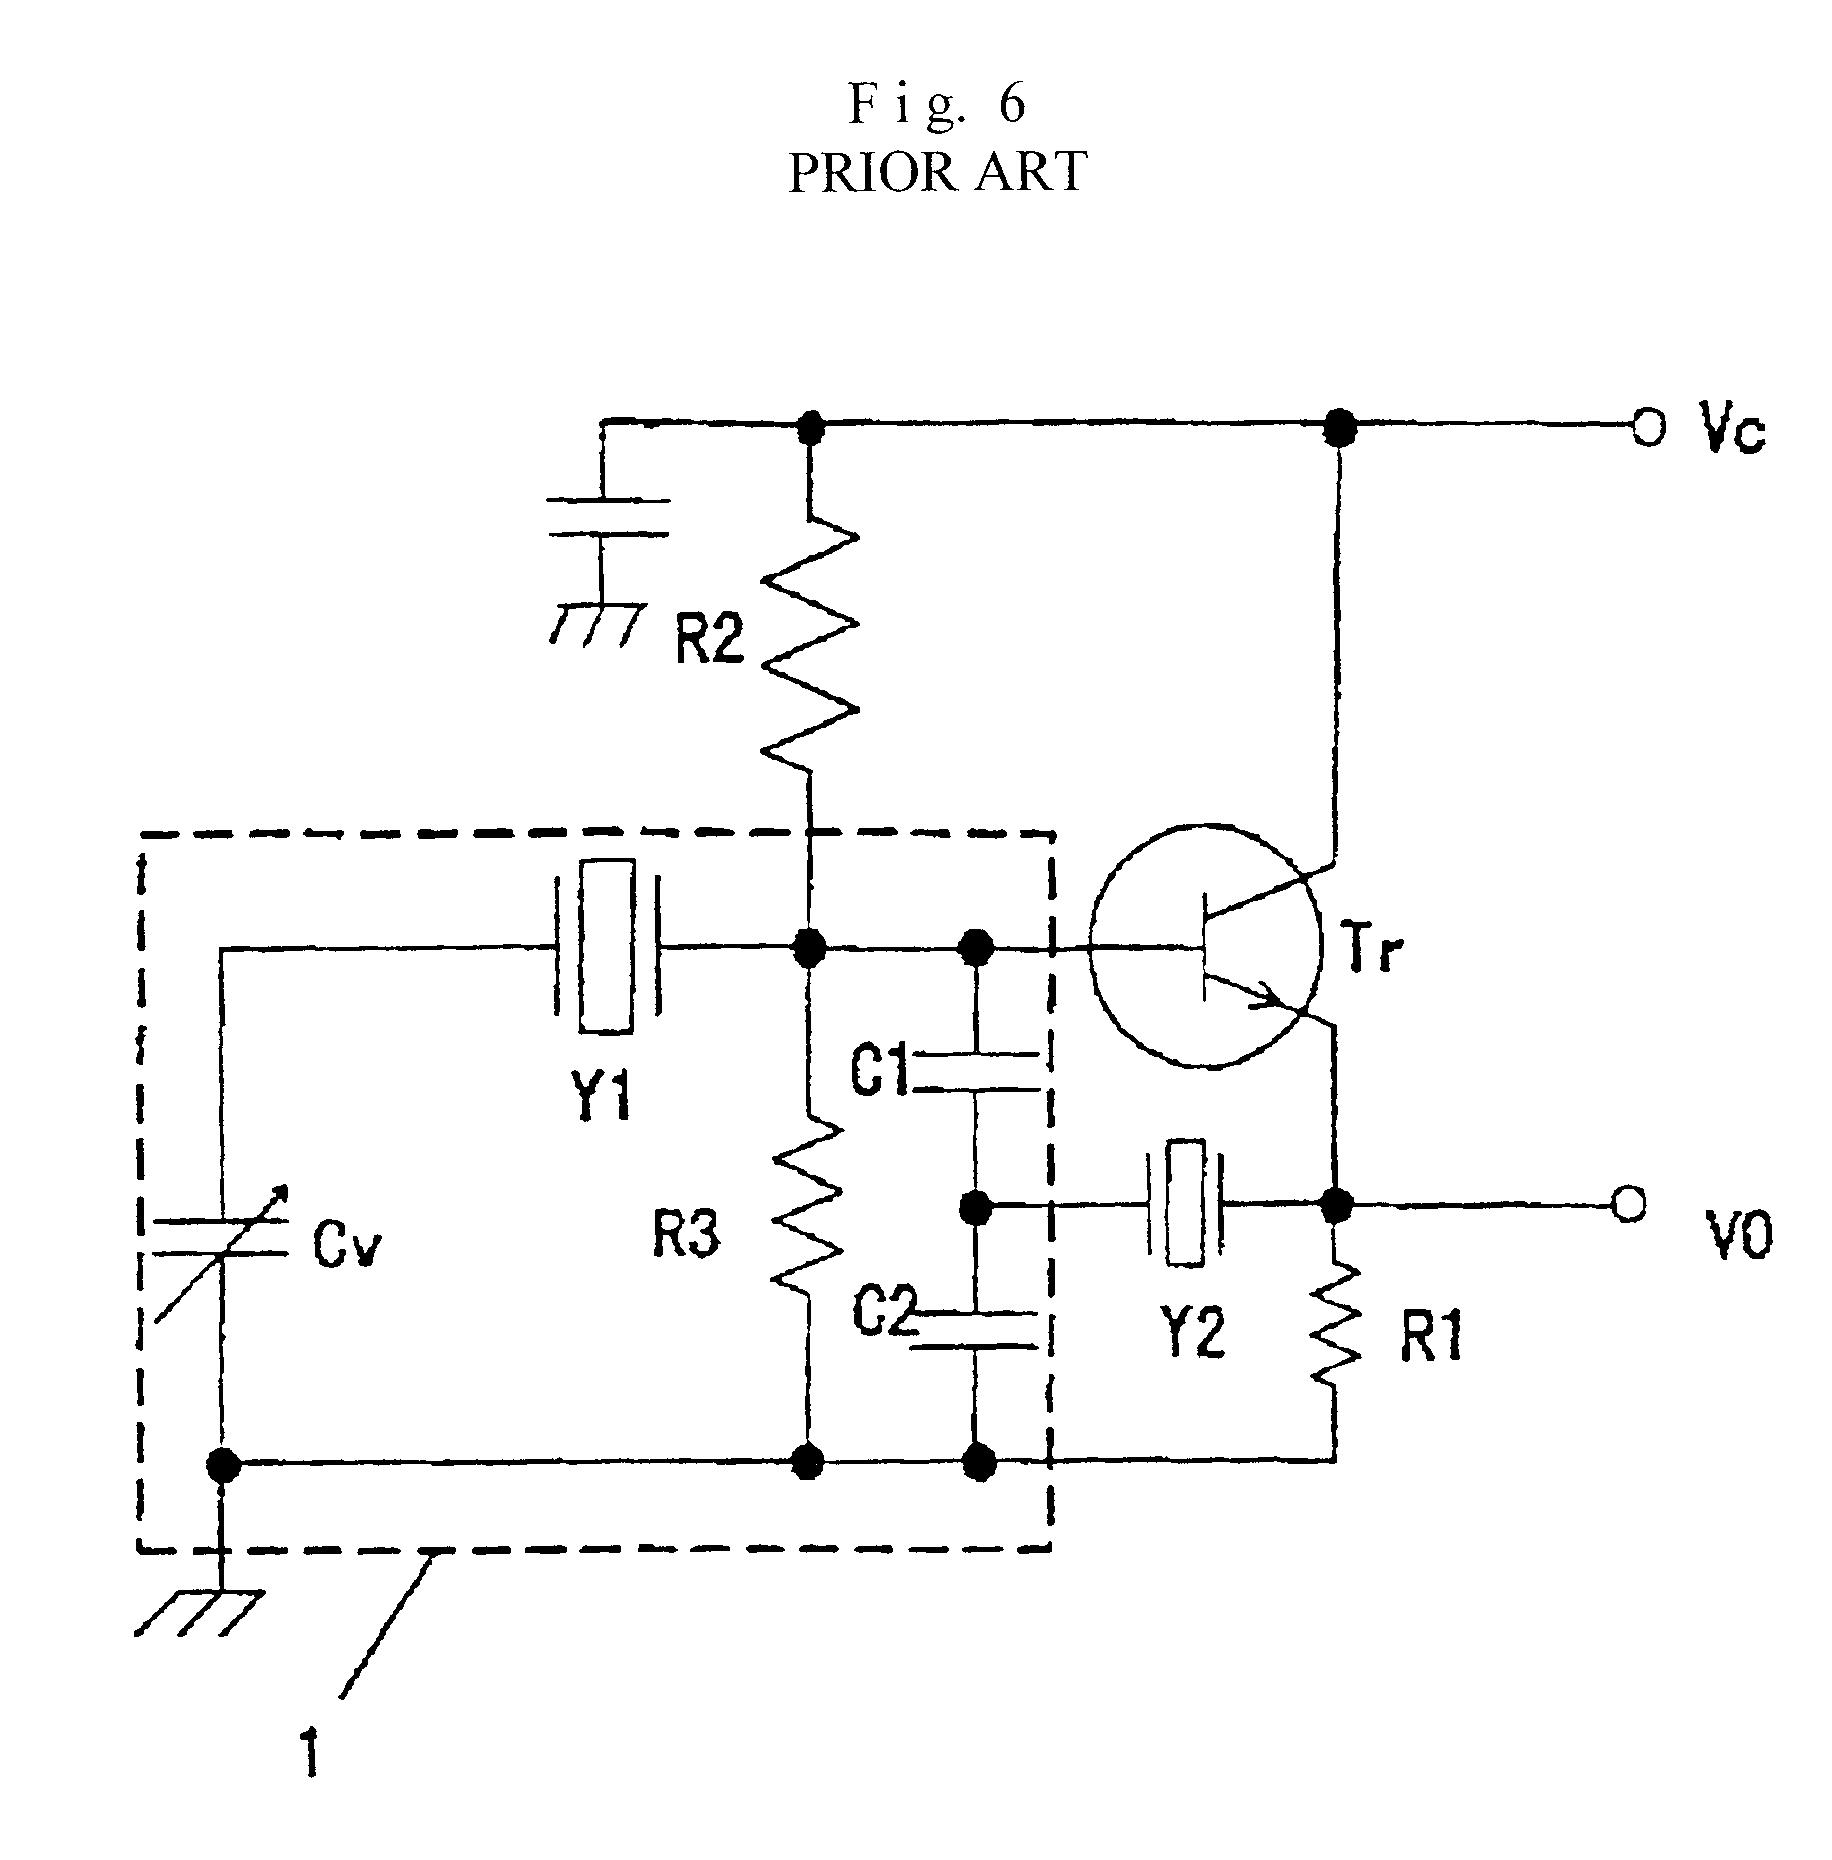 u0026gt  oscillators  u0026gt  varius circuits  u0026gt  non integer programmable